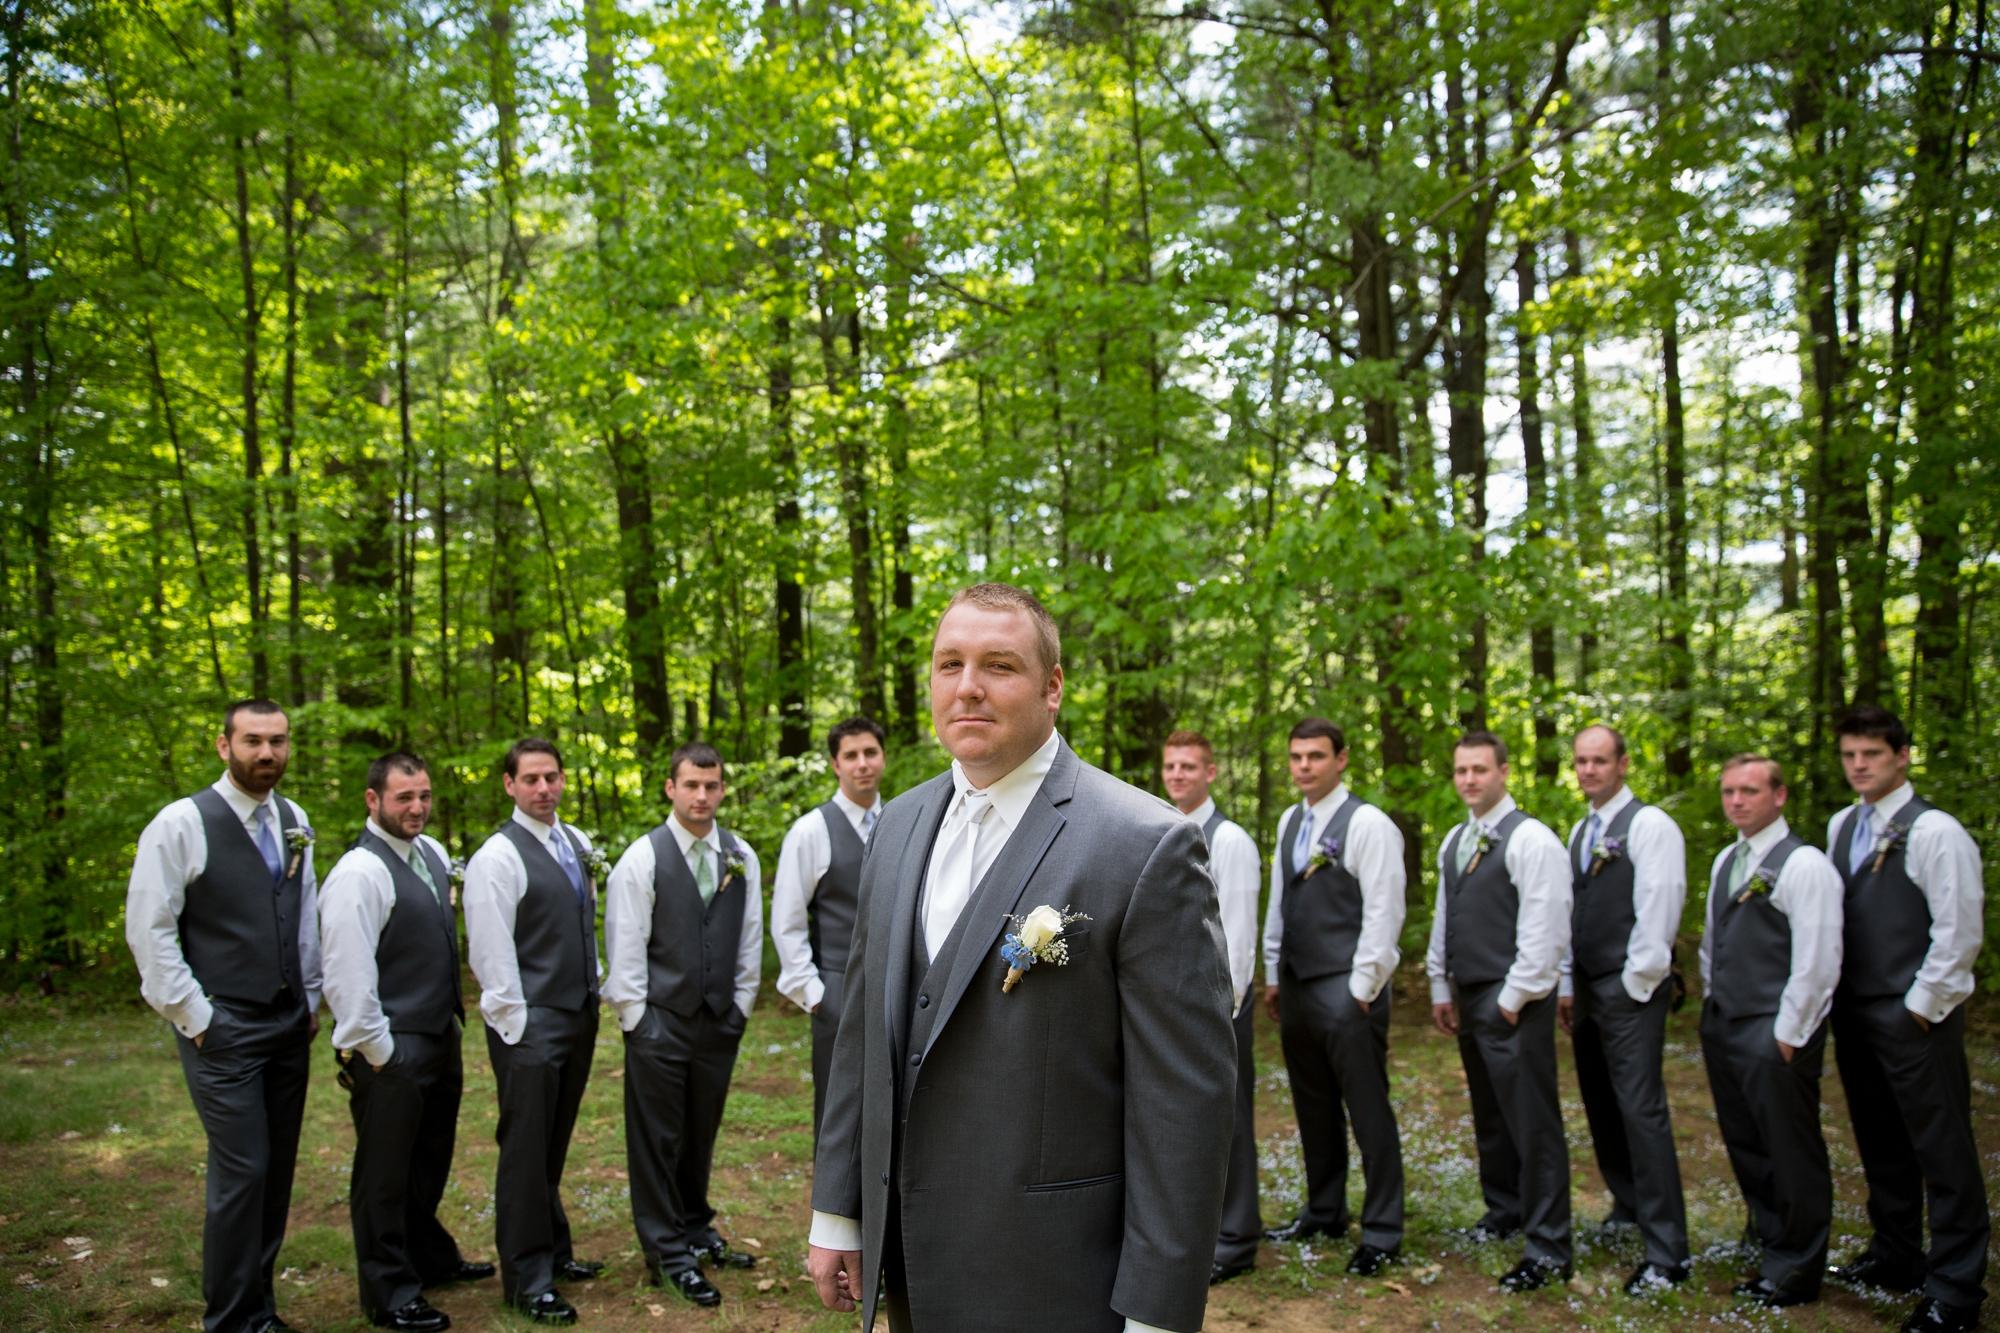 Albany NY Wedding Photographer Justin Tibbitts Photography 2014 Best of Albany NY Weddings-5014521